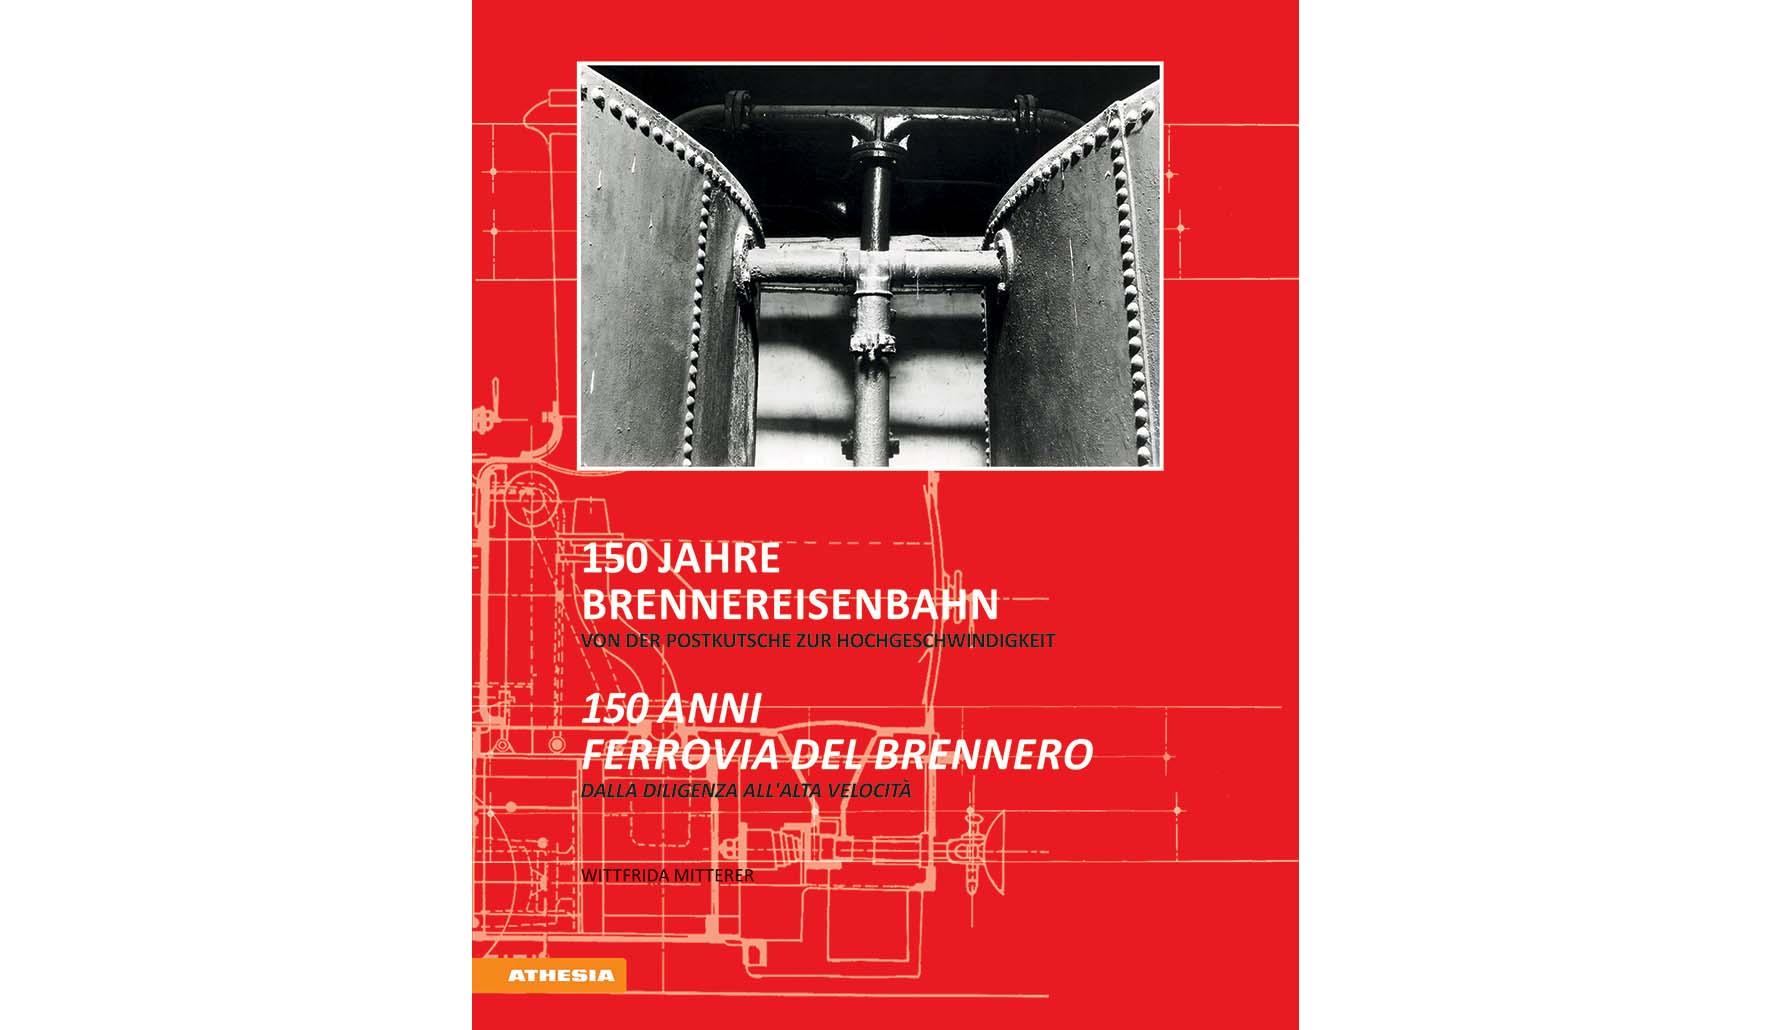 150 Jahre Brennereisenbahn 150 anni ferrovia brennero